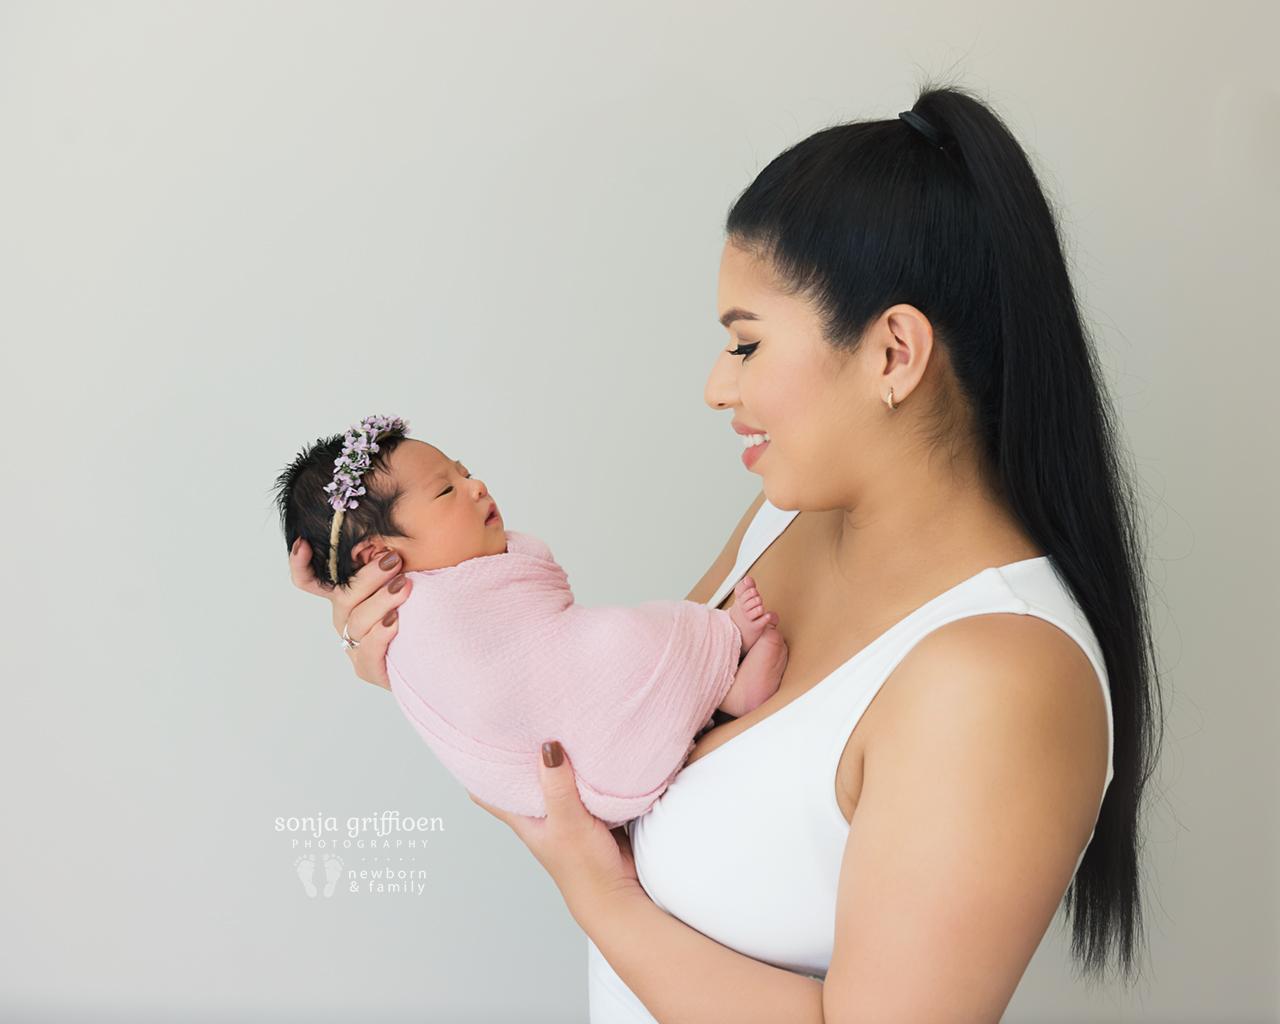 Adelina-Newborn-Brisbane-Newborn-Photographer-Sonja-Griffioen-11.jpg